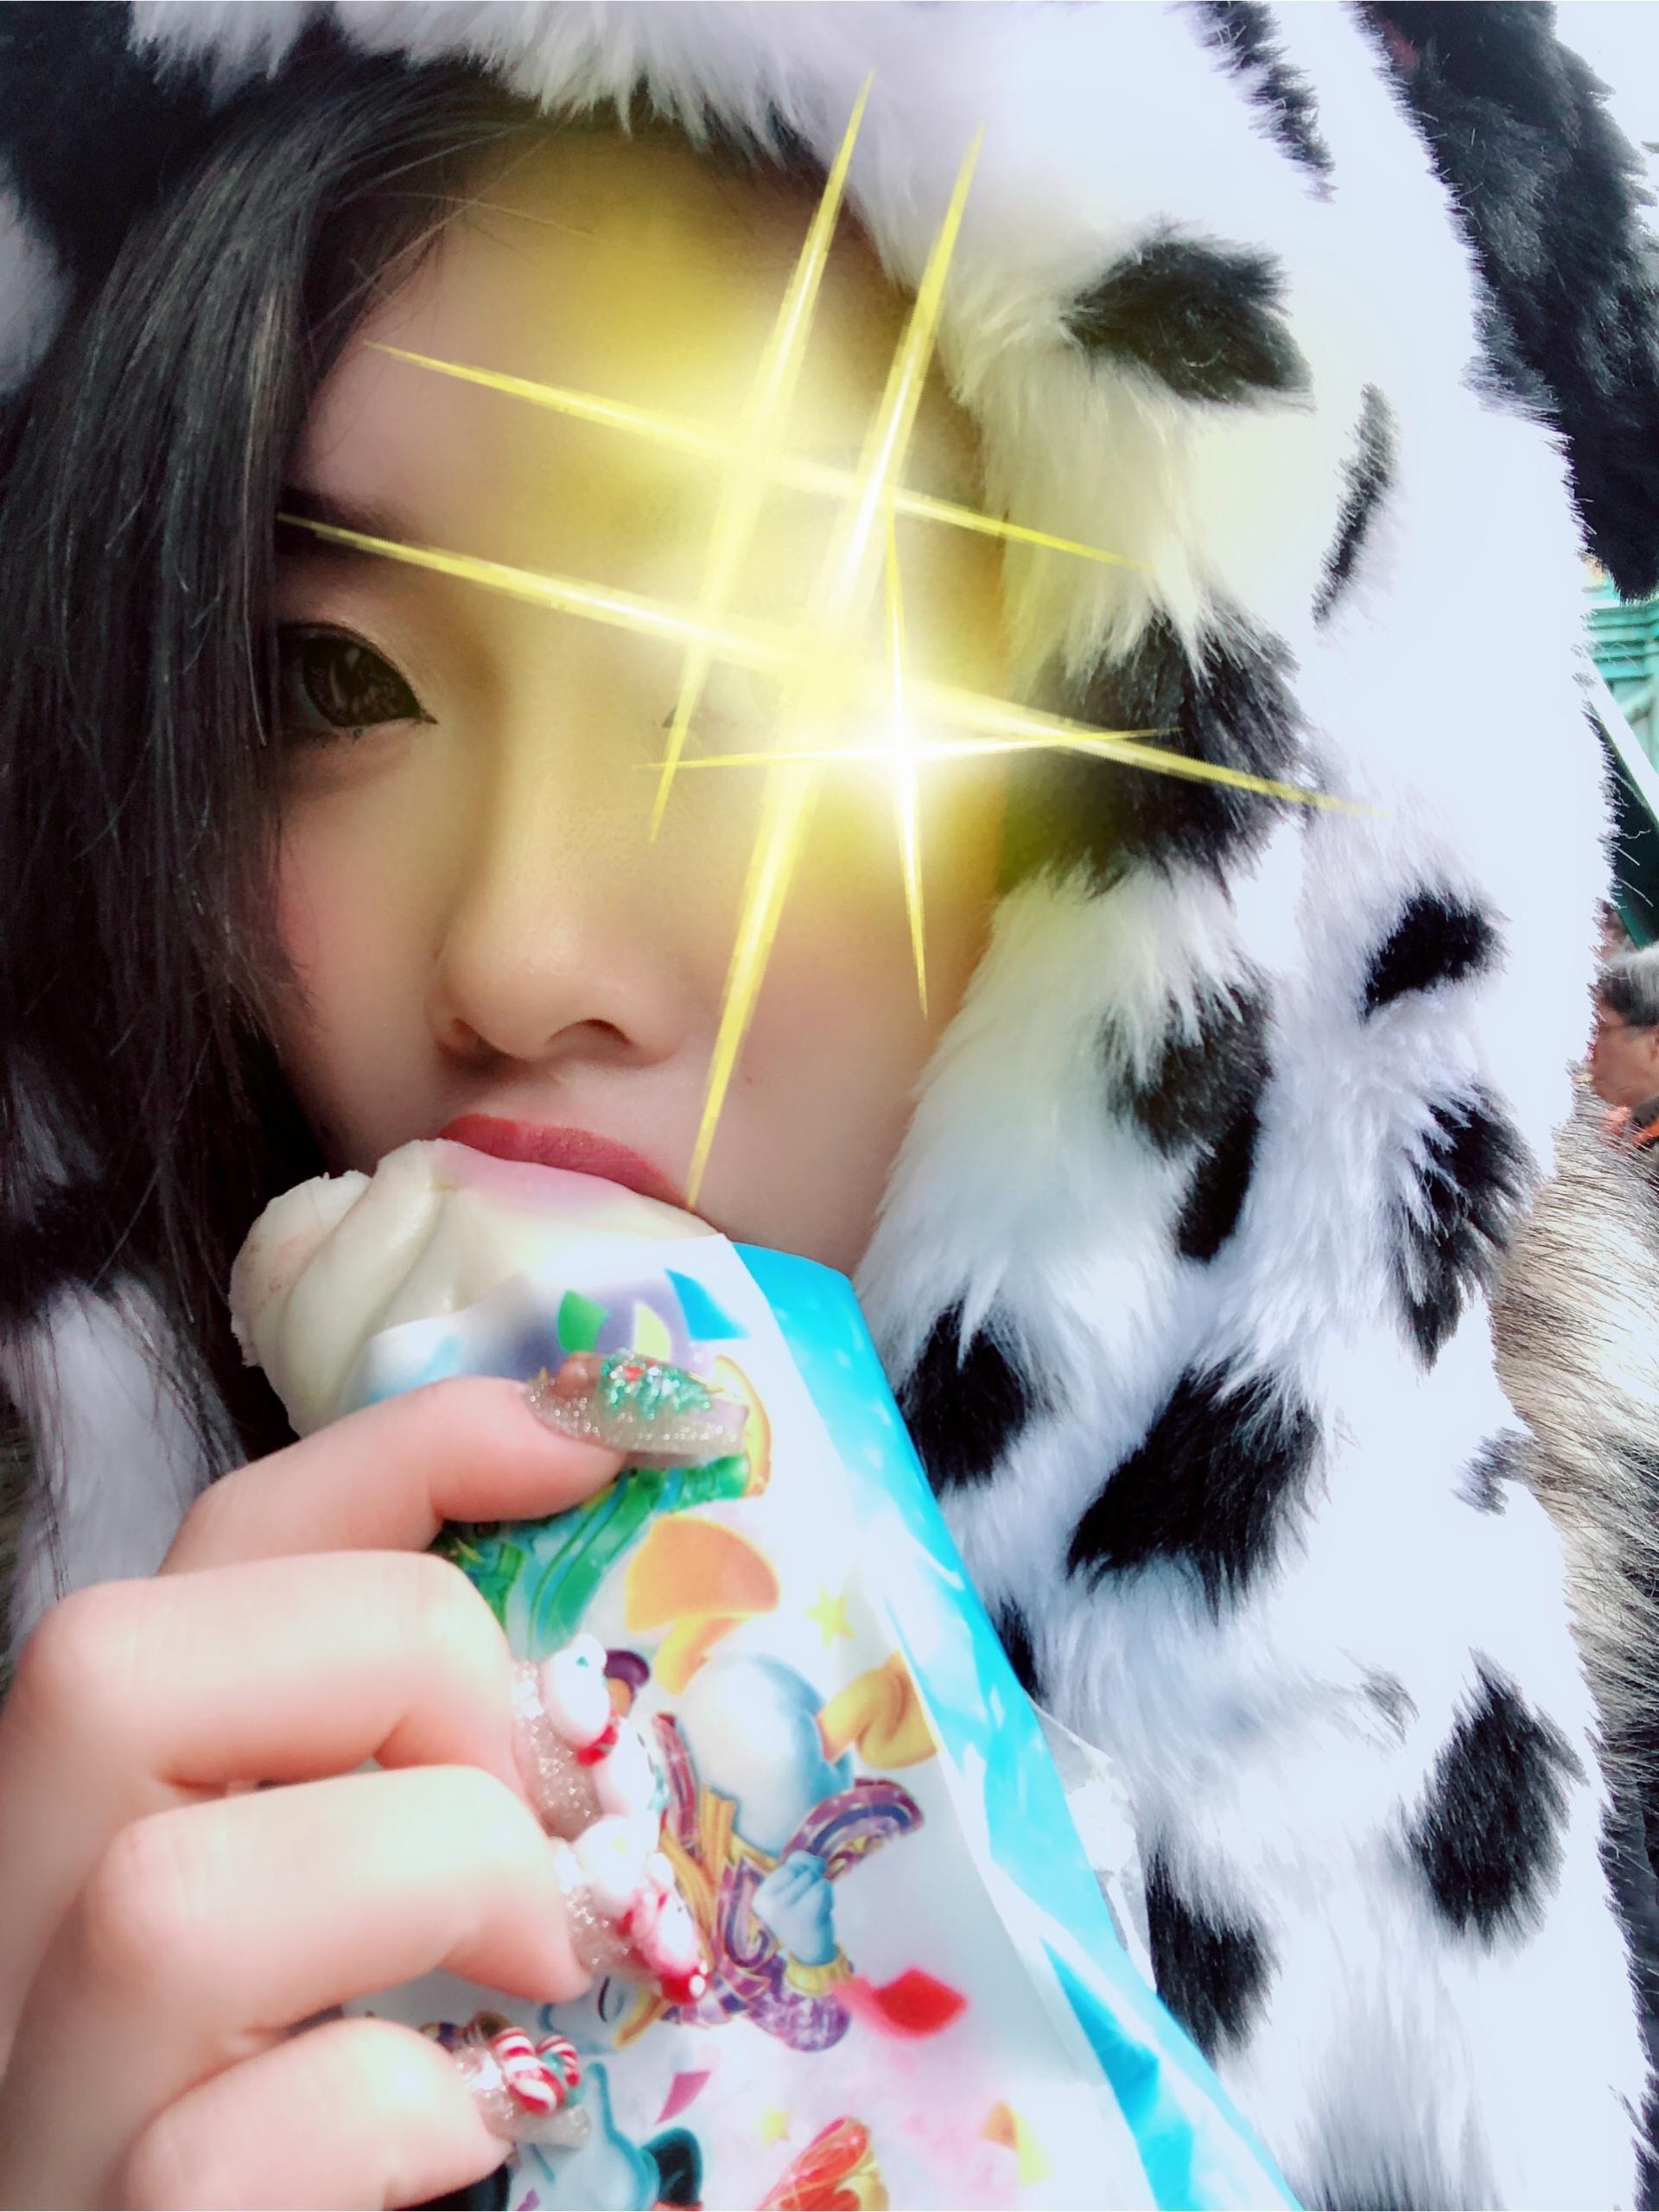 「長期休暇」12/03(12/03) 18:00 | ノエルの写メ・風俗動画